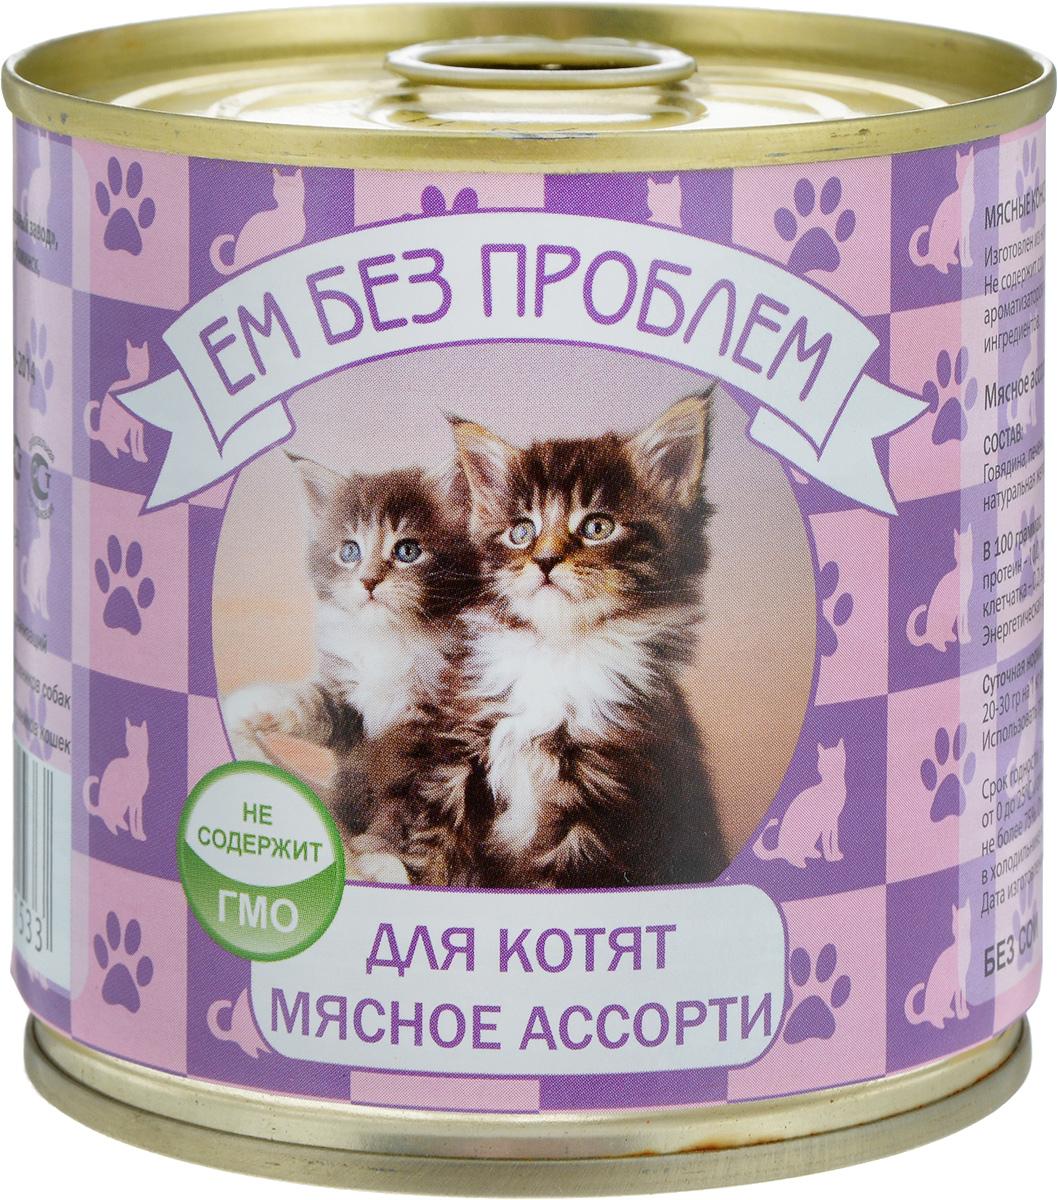 Консервы Ем без проблем, для котят, ассорти, 250 г00-00001443Мясные консервы для котят Ем без проблем изготовлены из натурального российского мяса. Не содержат сои, консервантов, красителей, ароматизаторов и генномодифицированных ингредиентов. Корм полностью удовлетворяет ежедневные энергетические потребности животного и обеспечивает оптимальное функционирование пищеварительной системы. Консервы Ем без проблем рекомендуется смешивать с кашами и овощами.Товар сертифицирован.